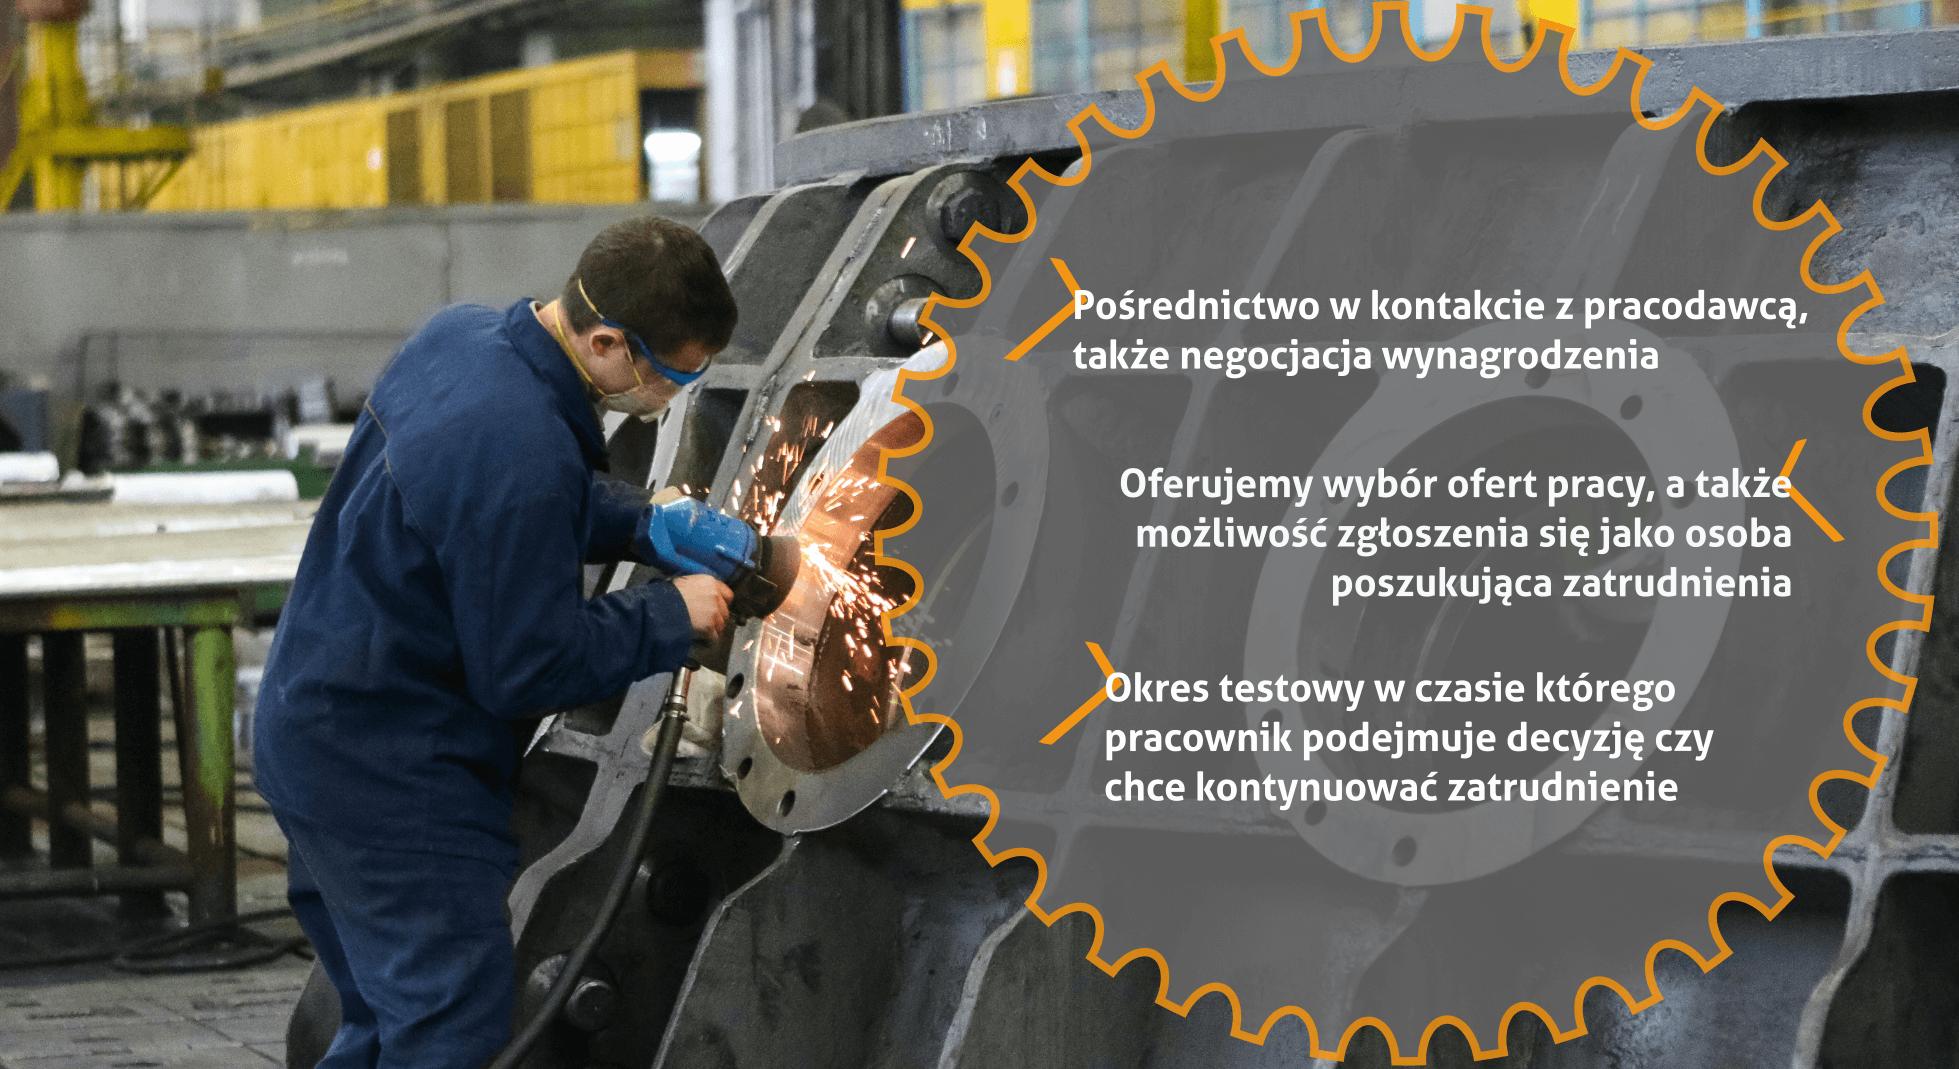 Oferty pracy w Polsce